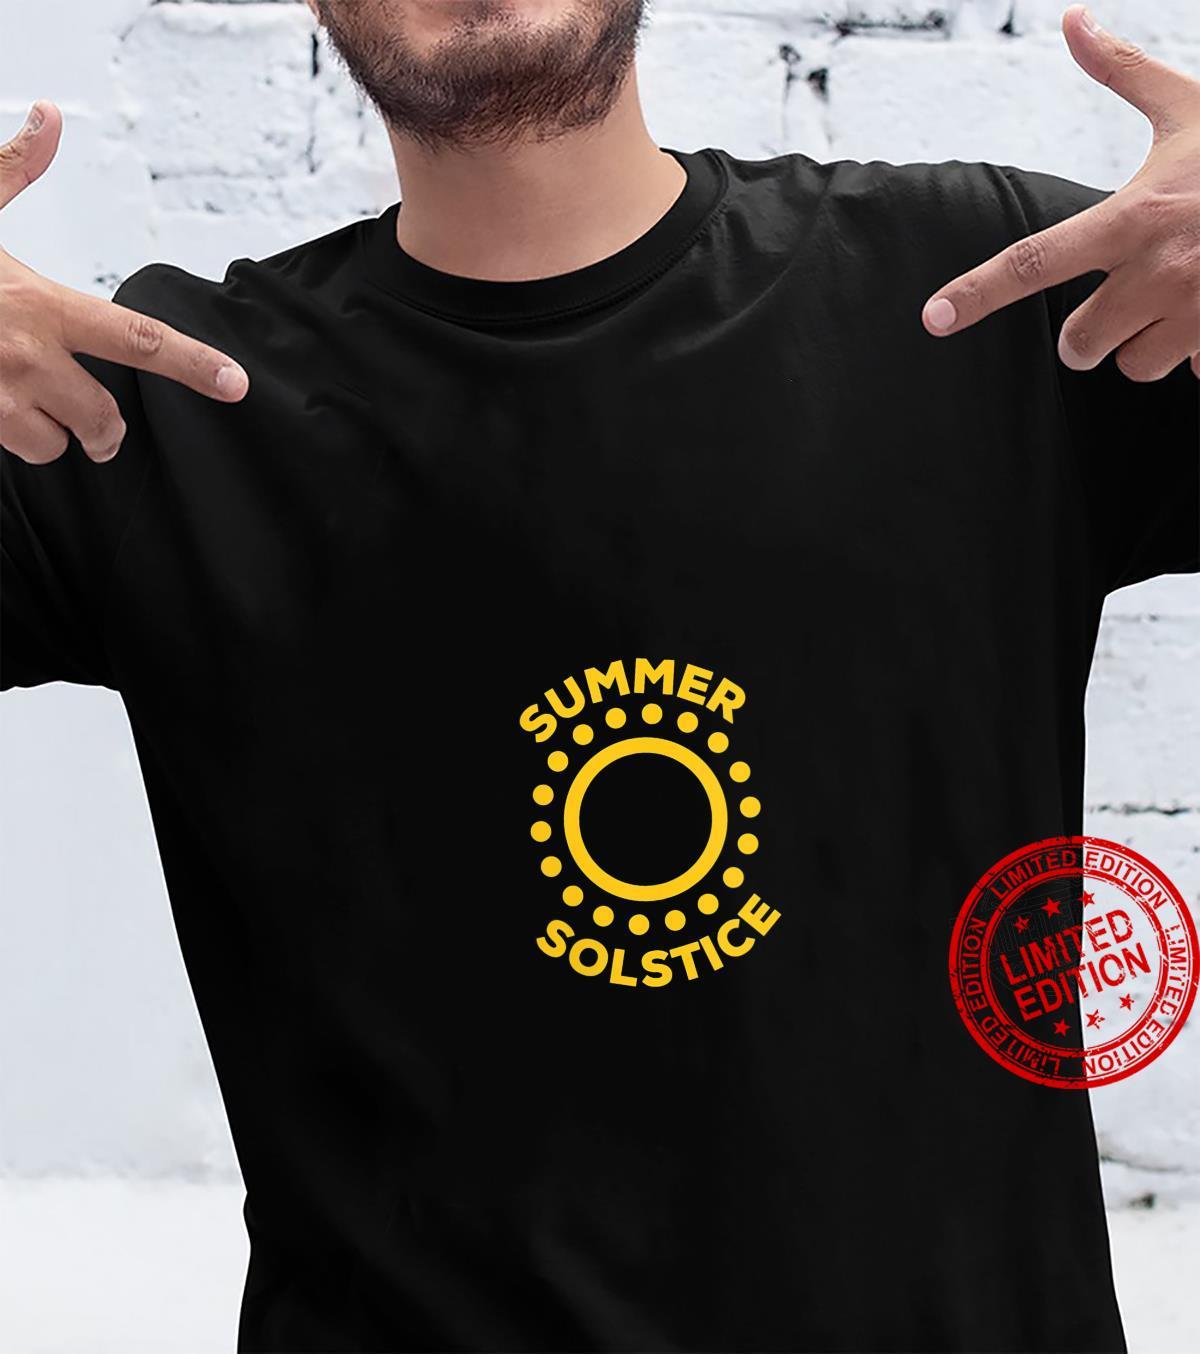 Womens Circles Sun Summer Solstice Shirt